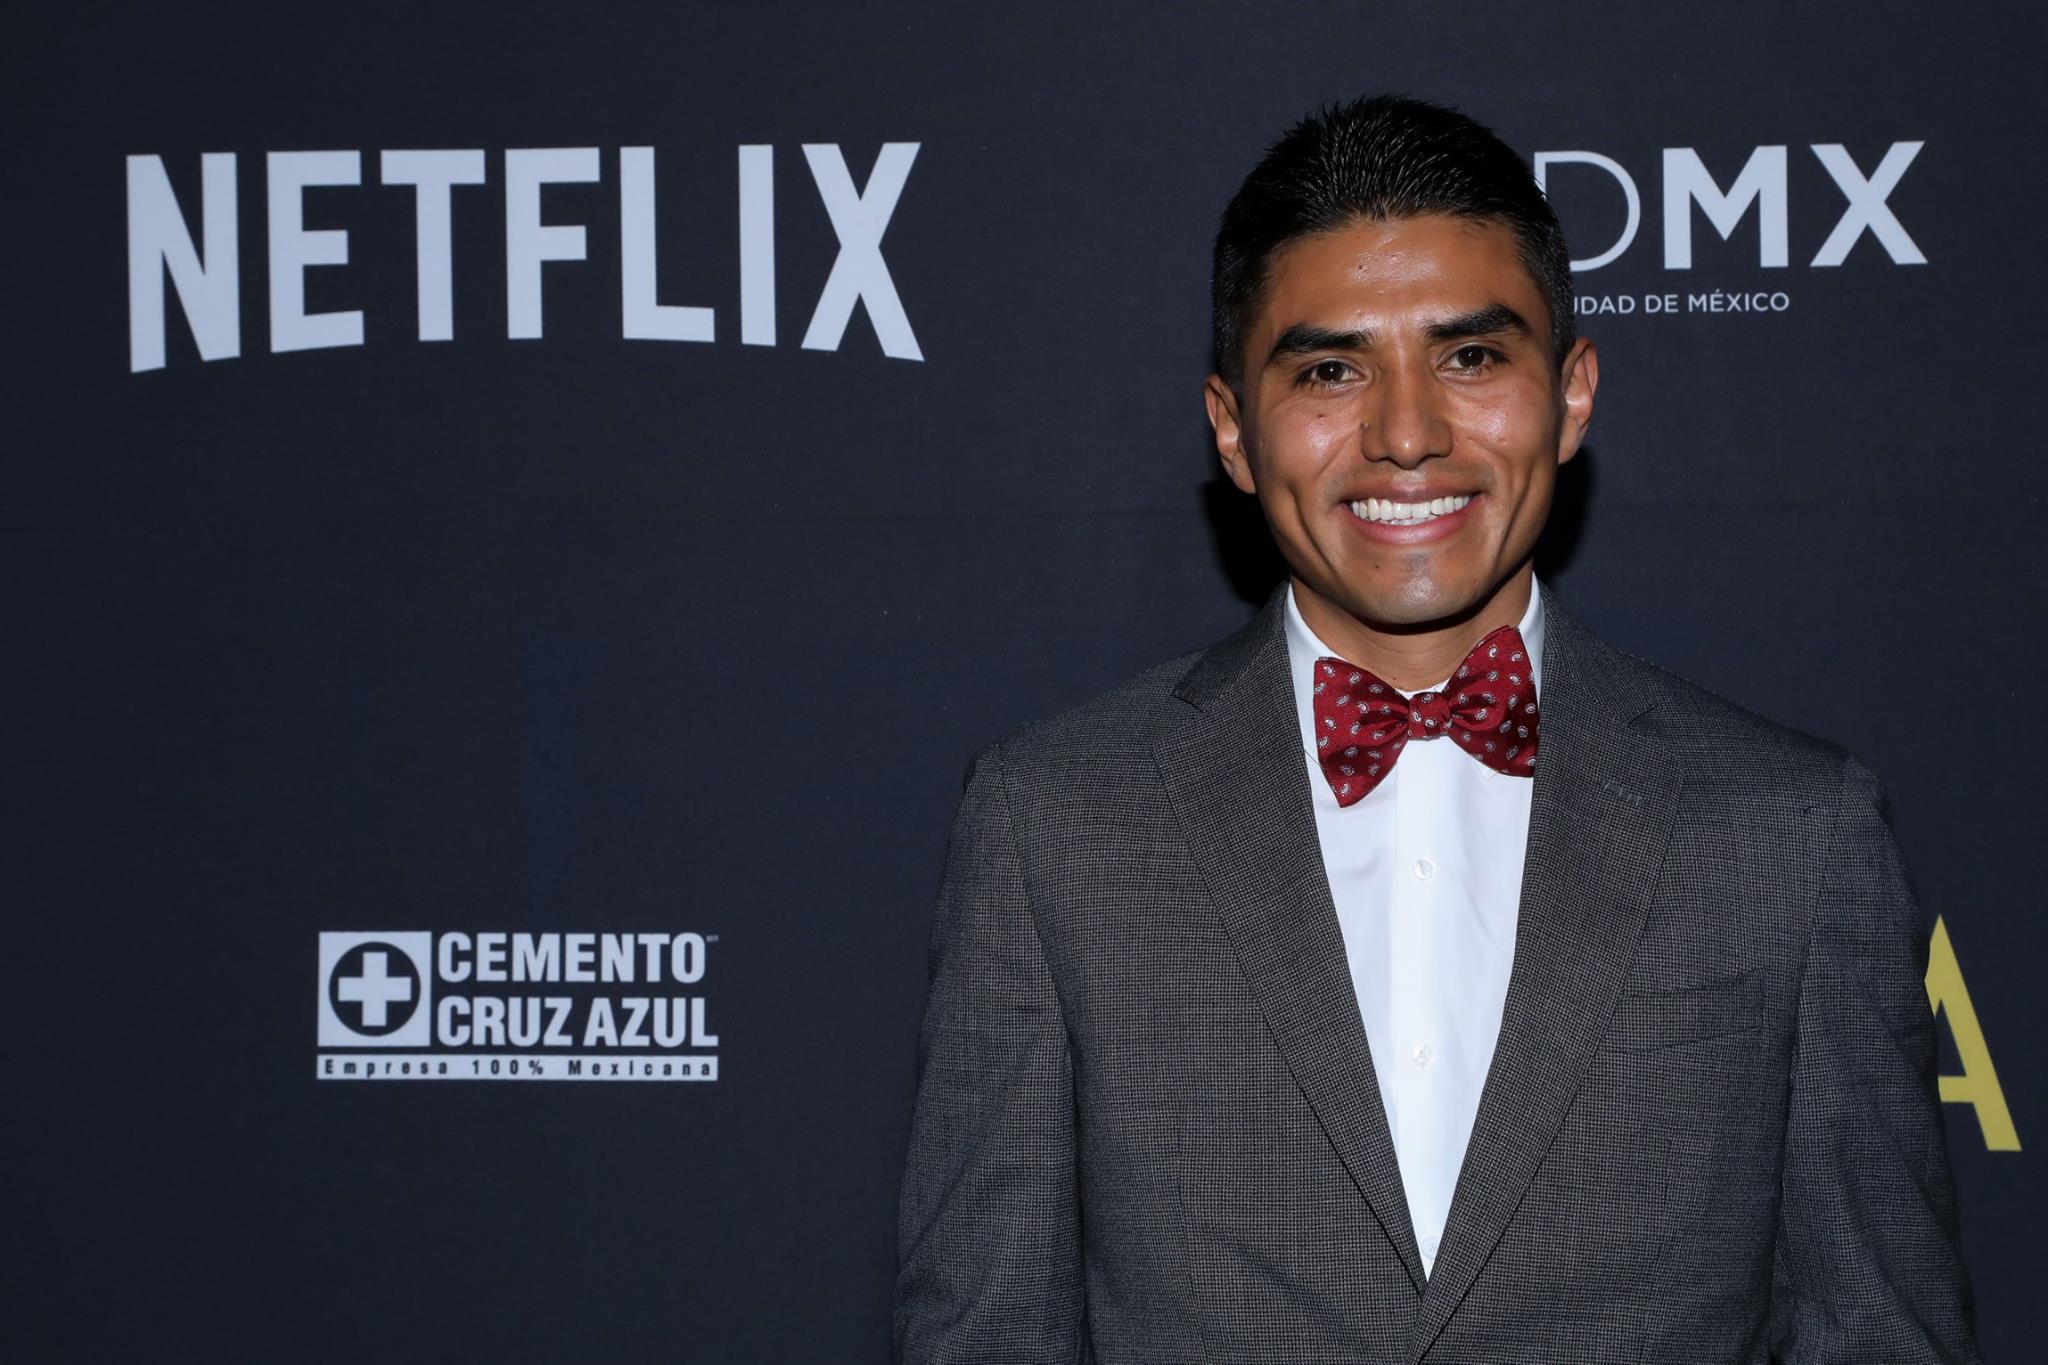 El actor mexicano Antonio Guerrero ha solicitado la visa de turista para EE. UU. tres veces sin obtener una respuesta positiva. (Foto Prensa Libre: Facebook)